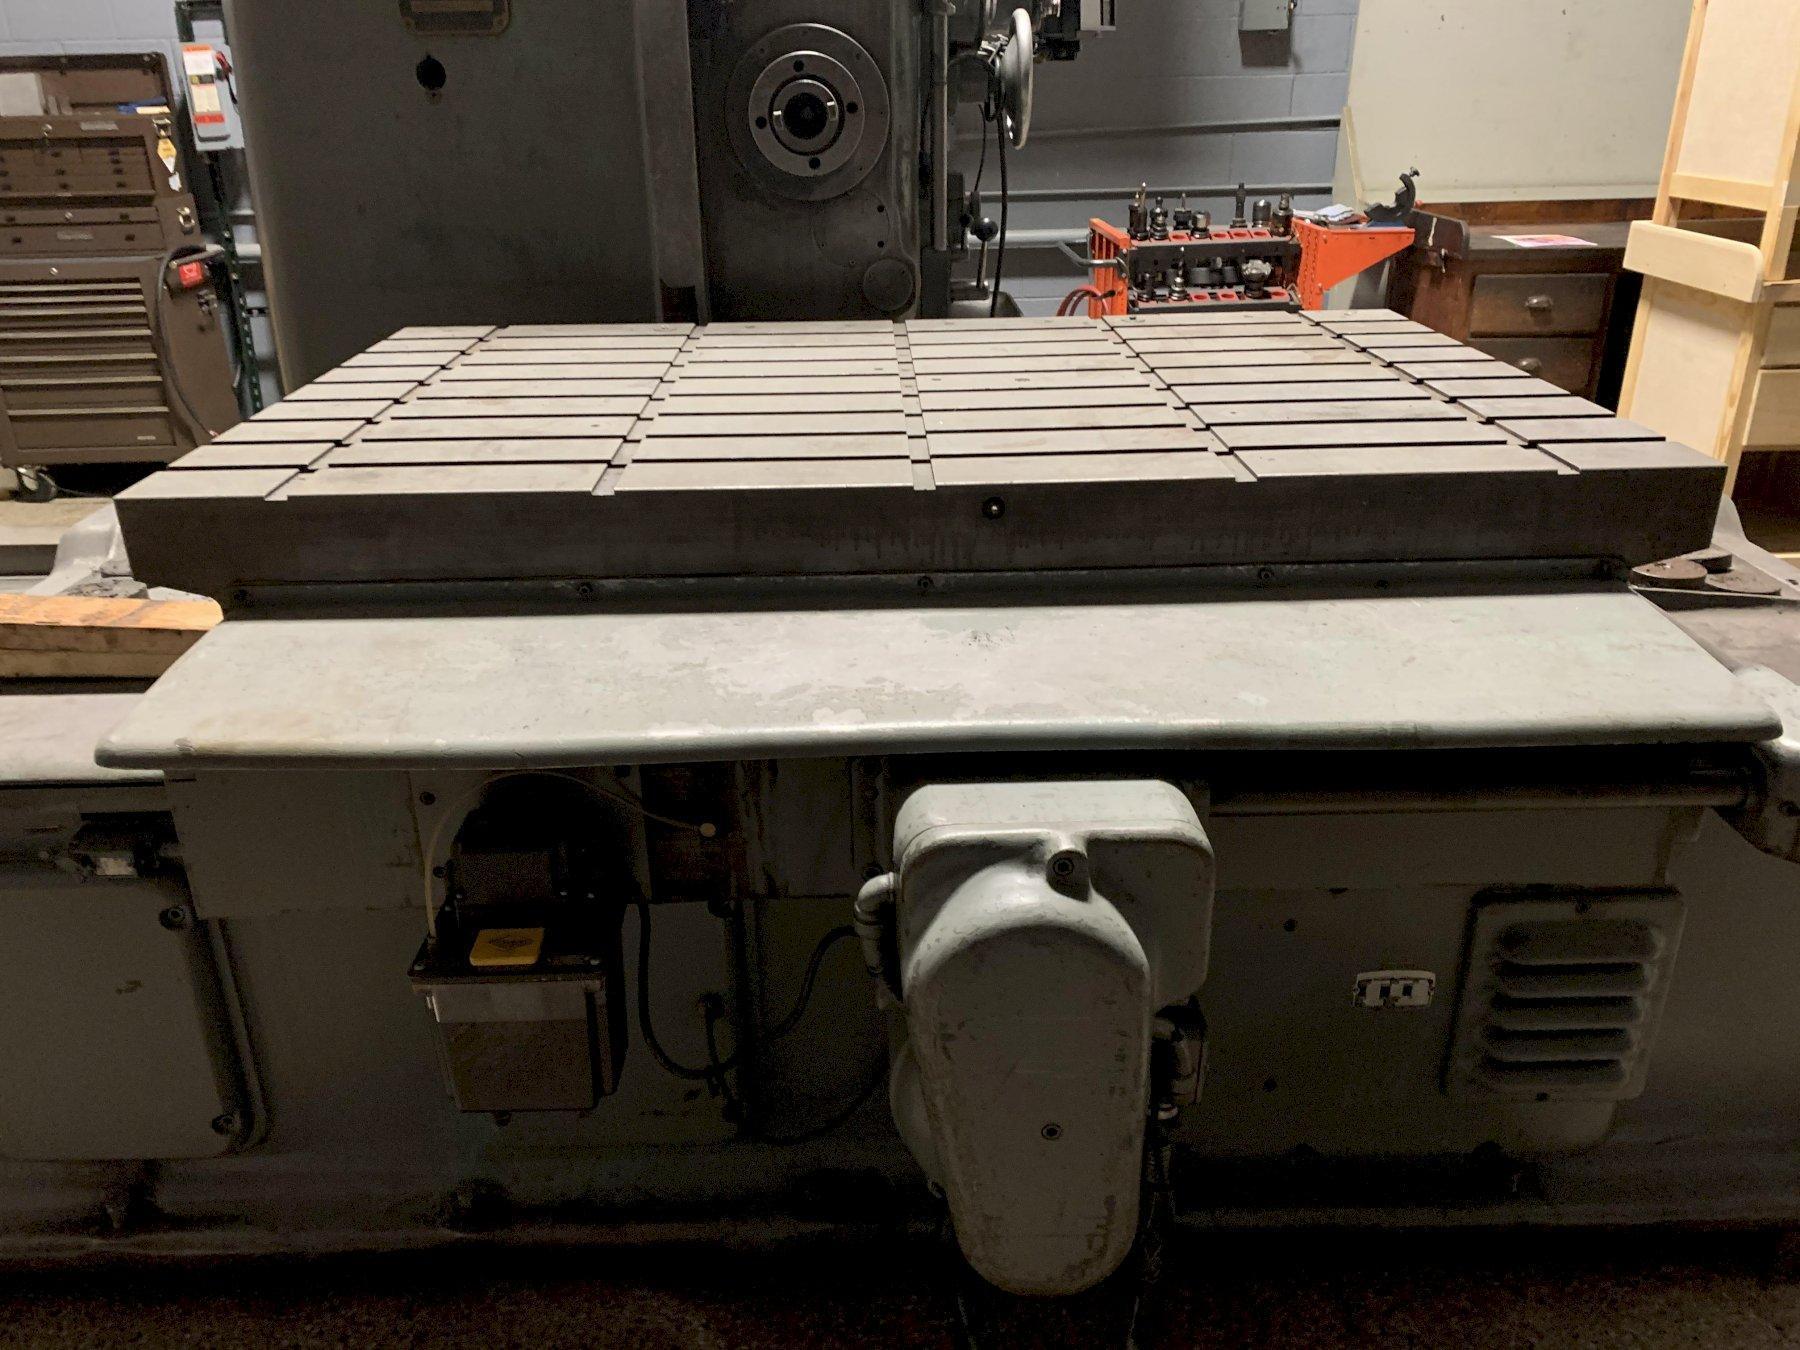 Devlieg 4B-60 Horizontal Jig Mil Boring Mill, S/N 11-191. As is price.